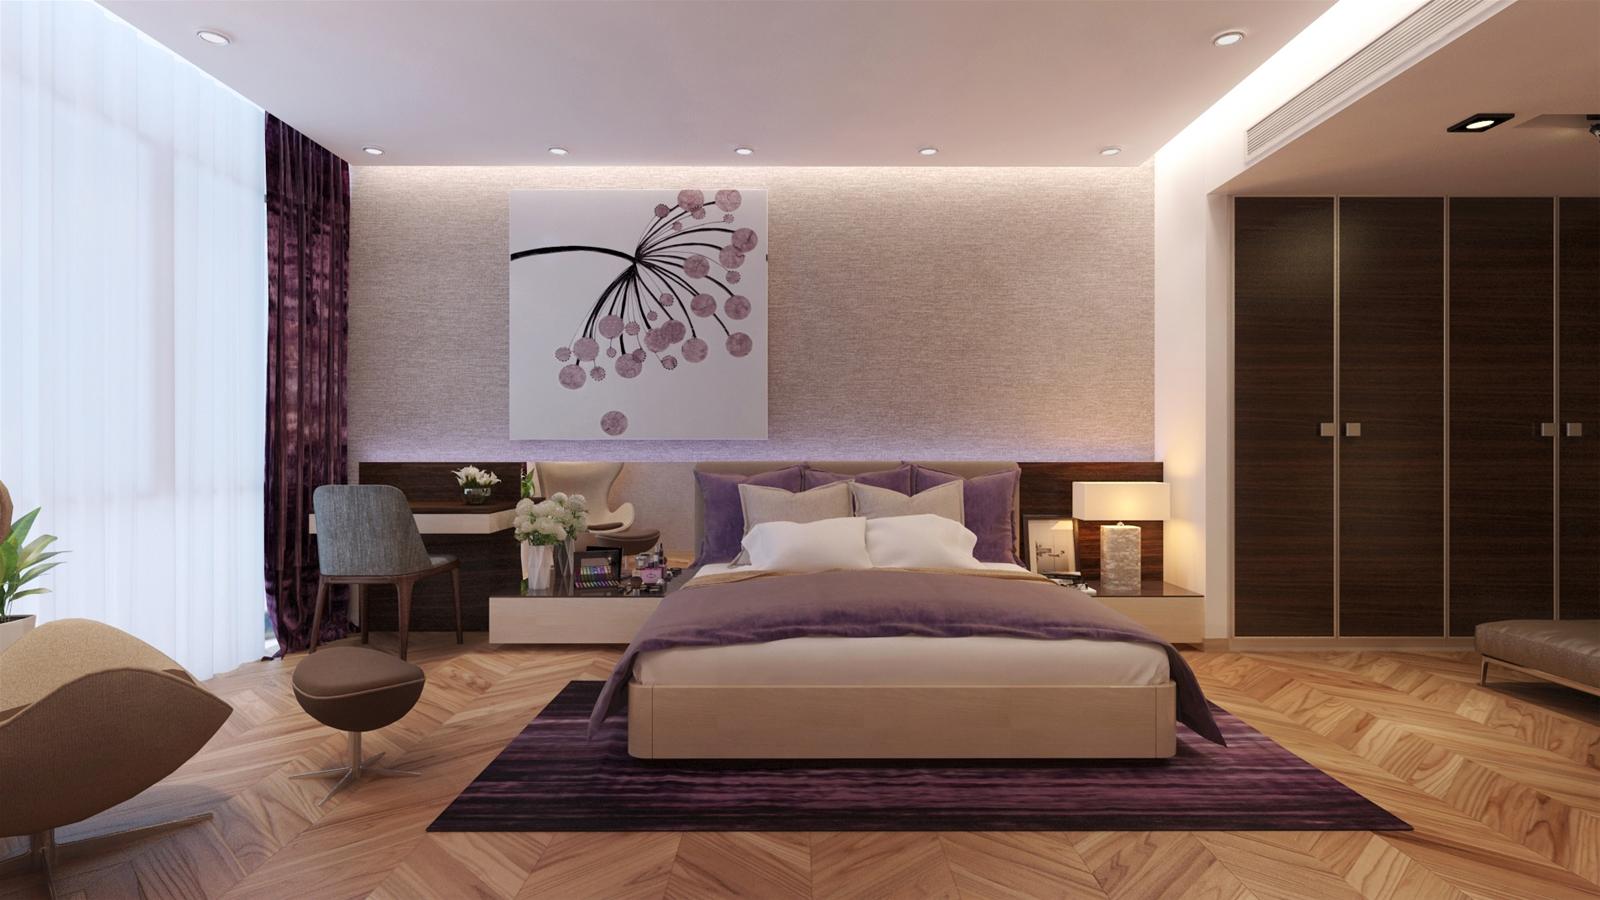 Trang trí nội thất chung cư với tranh in phong thủy phòng ngủ